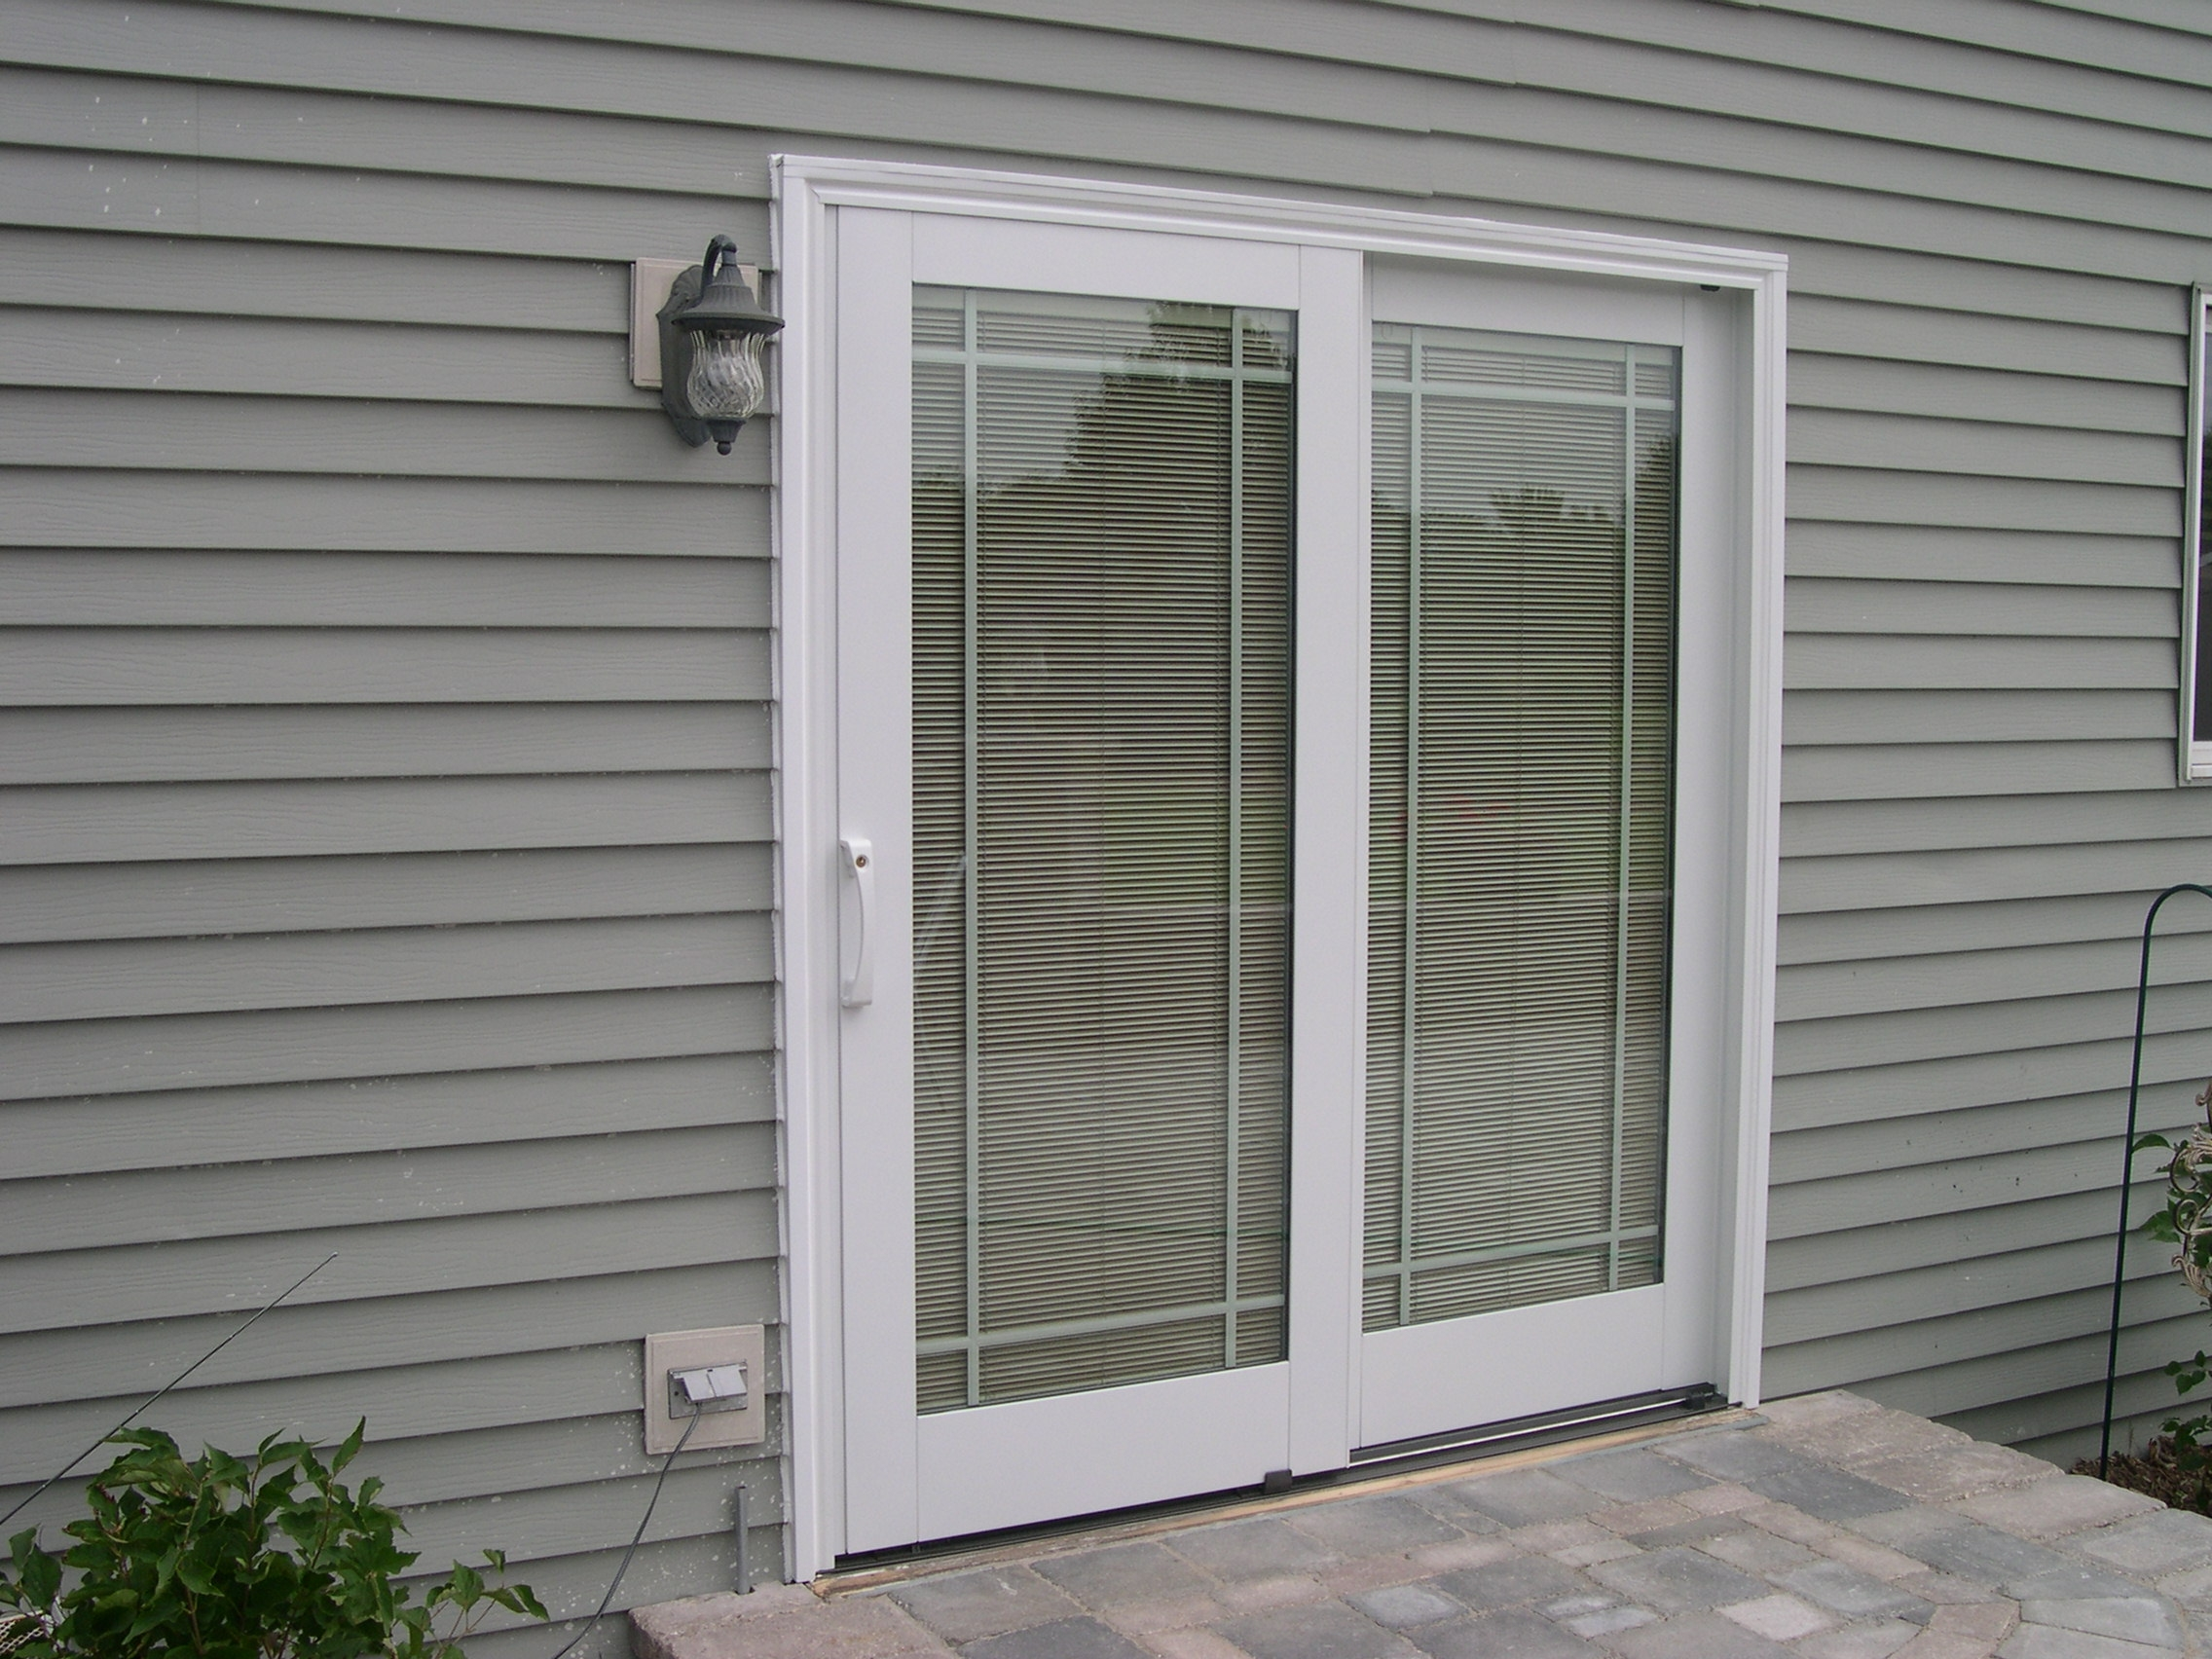 Andersen Sliding Patio Doors With Blinds Between The Glass